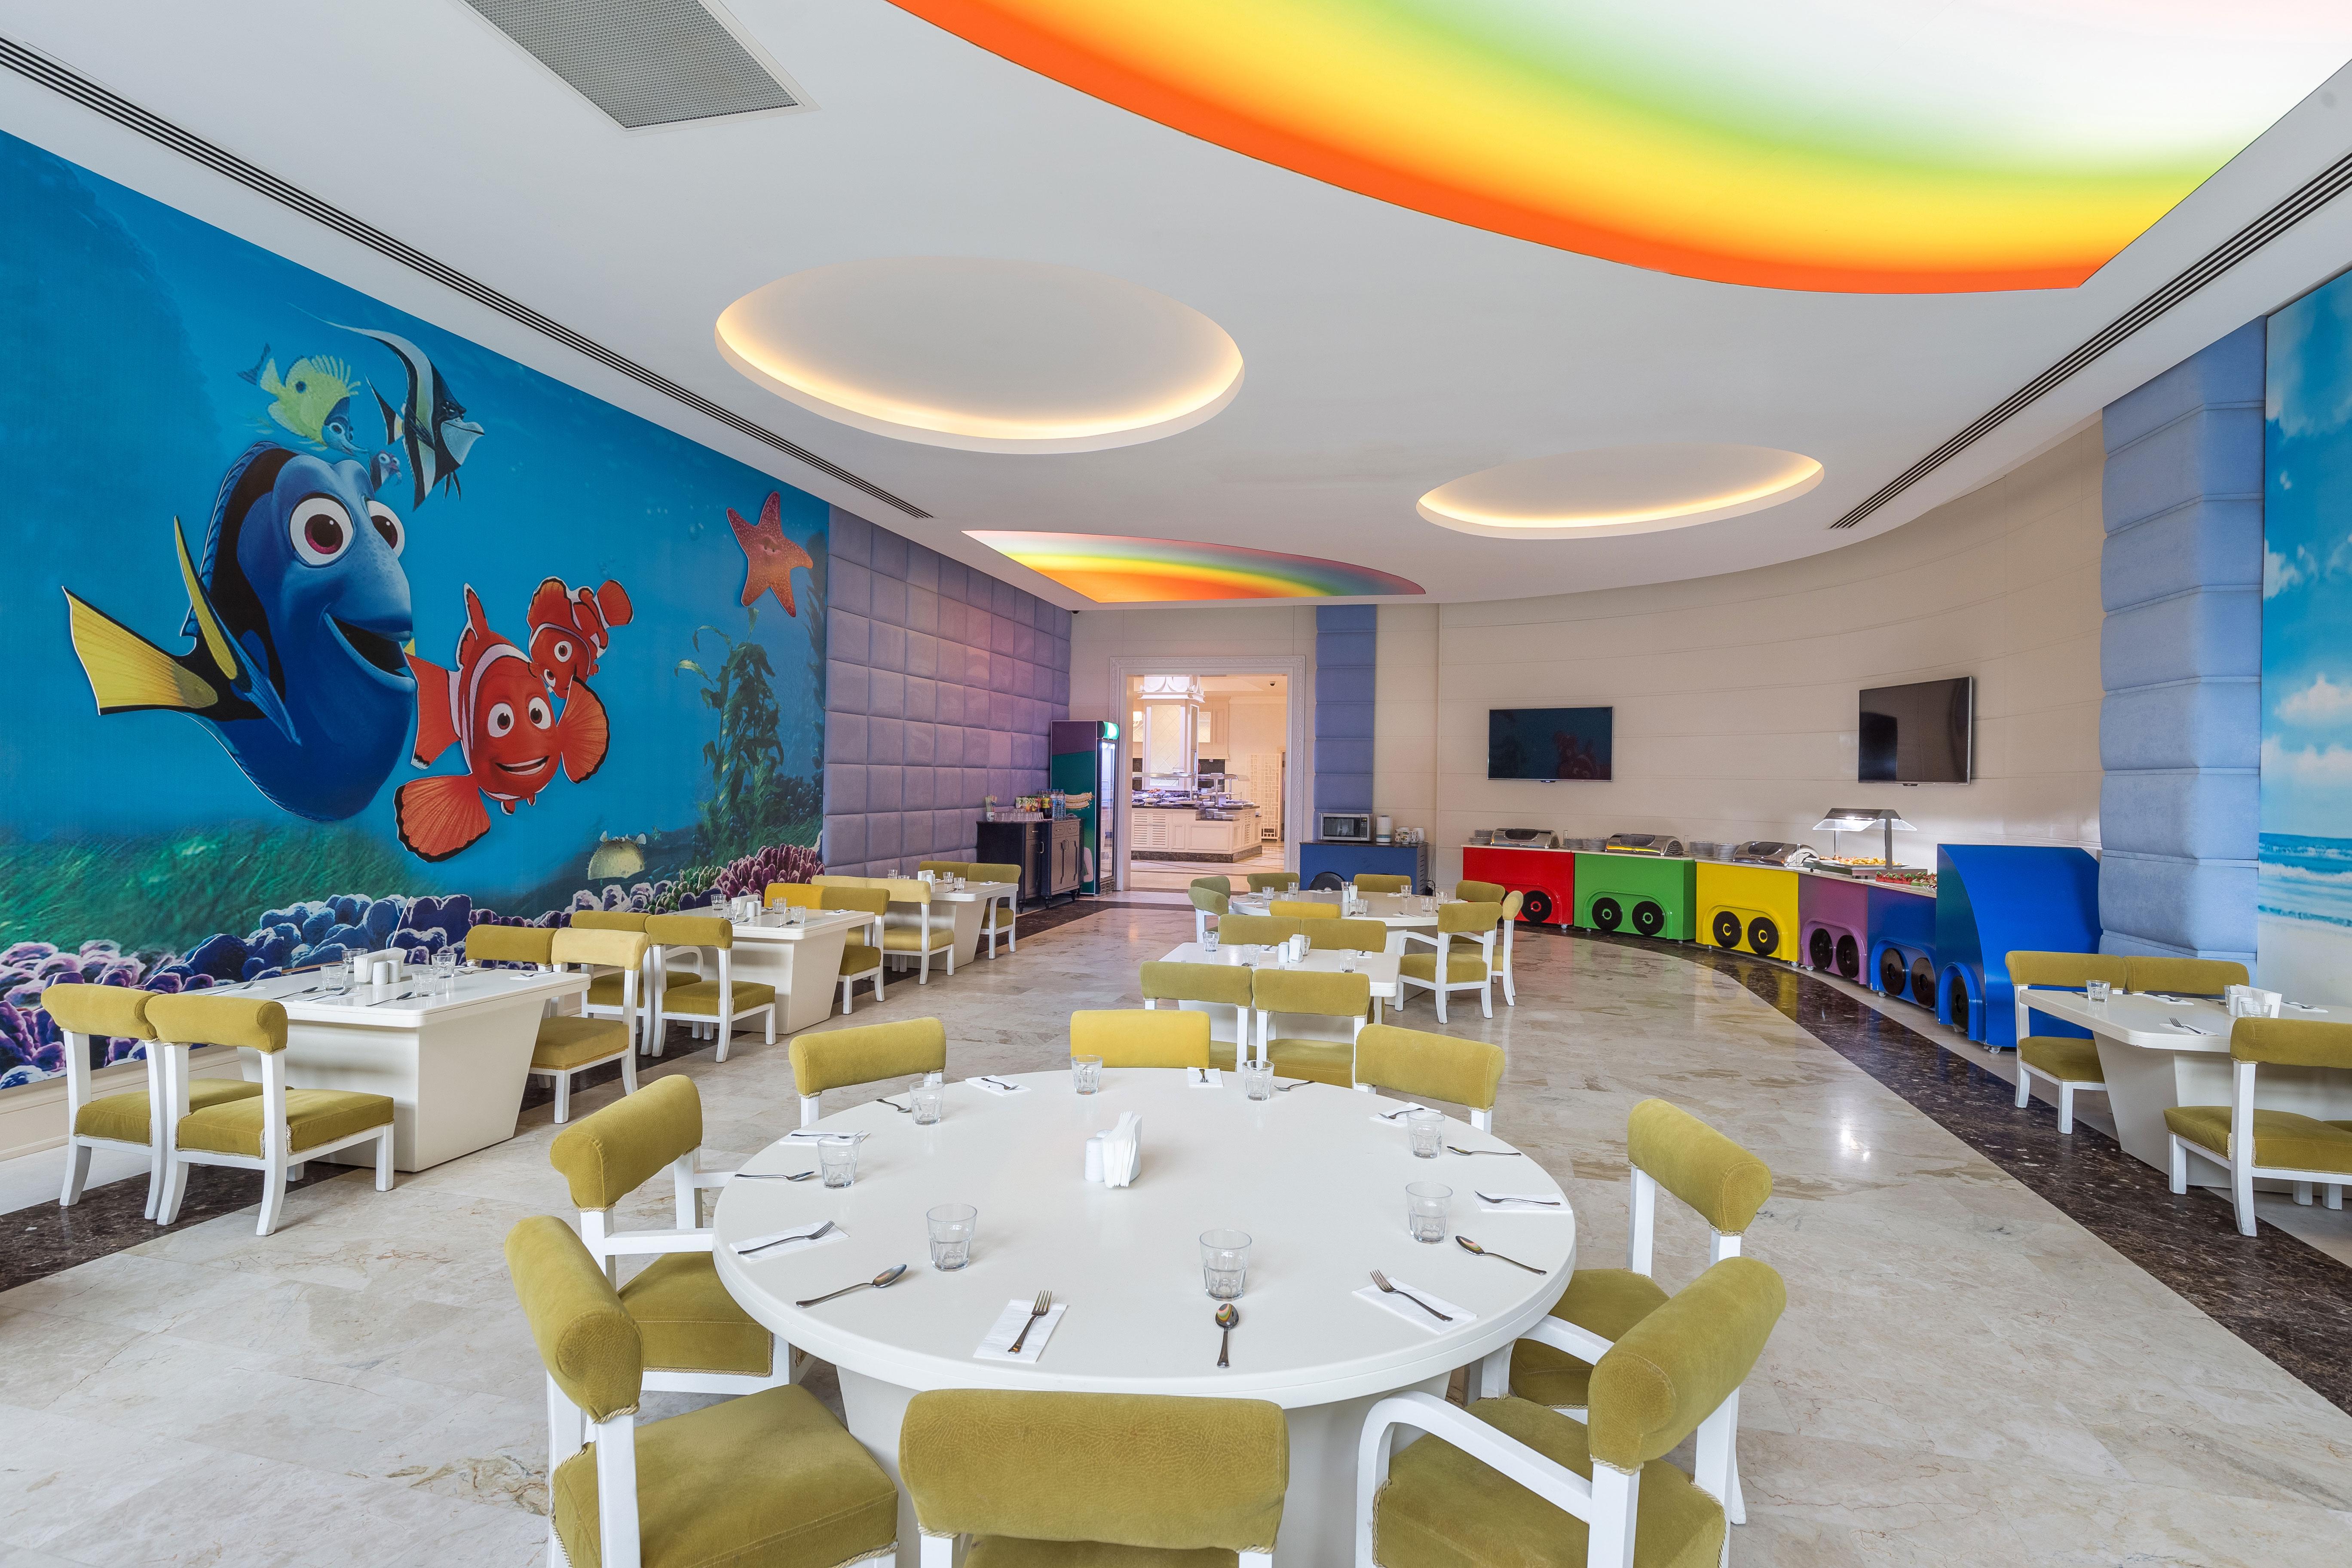 Фото нового отеля Vogue Hotel Bodrum 5*, Бодрум, Турция, детский зал кухня